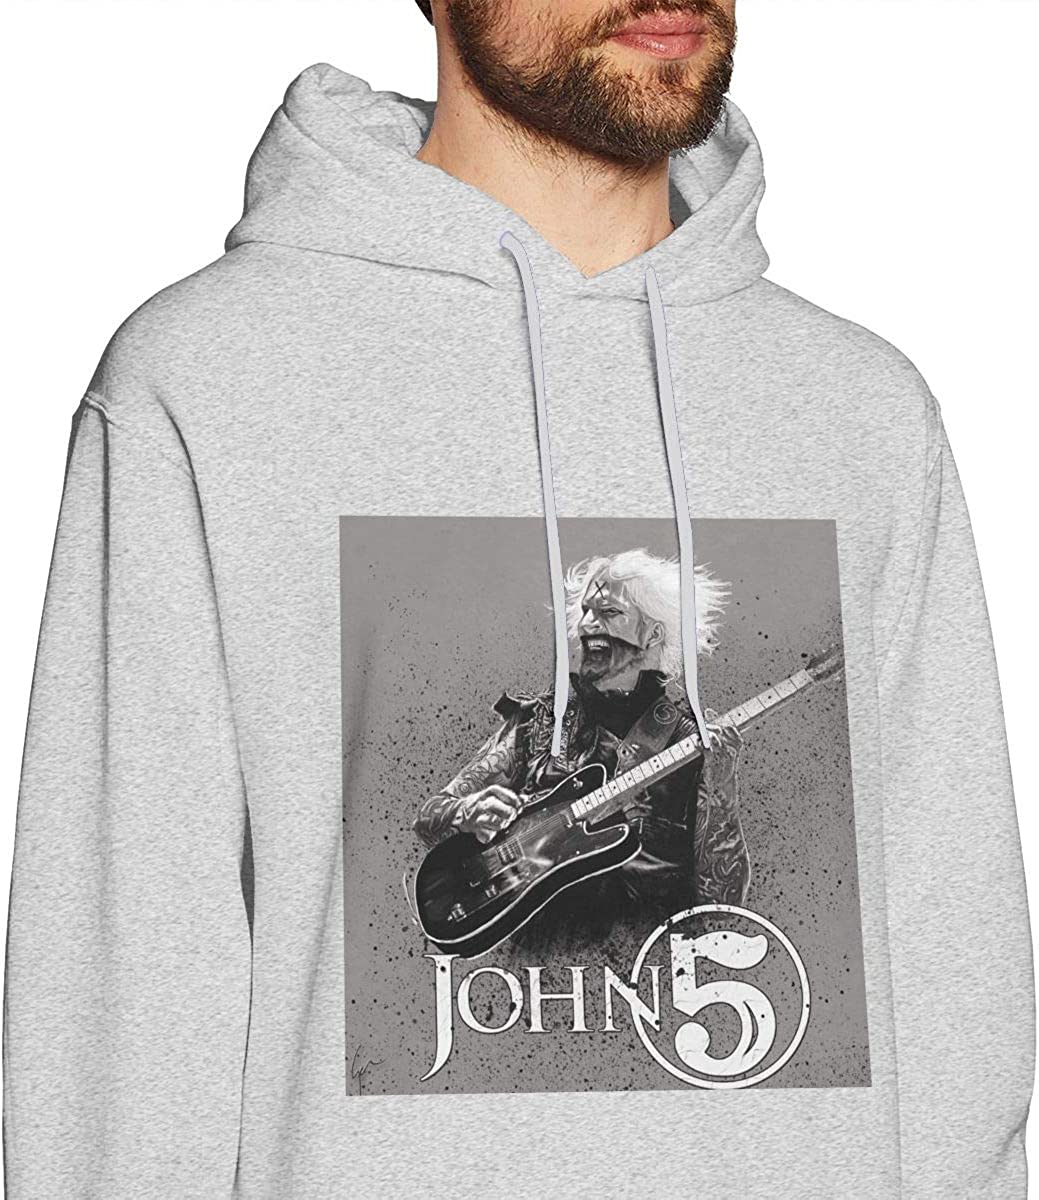 MOOCMTEE Man Sweatshirt Pullover Long Sleeve Hoodies Hooded Sweatshirt for Men